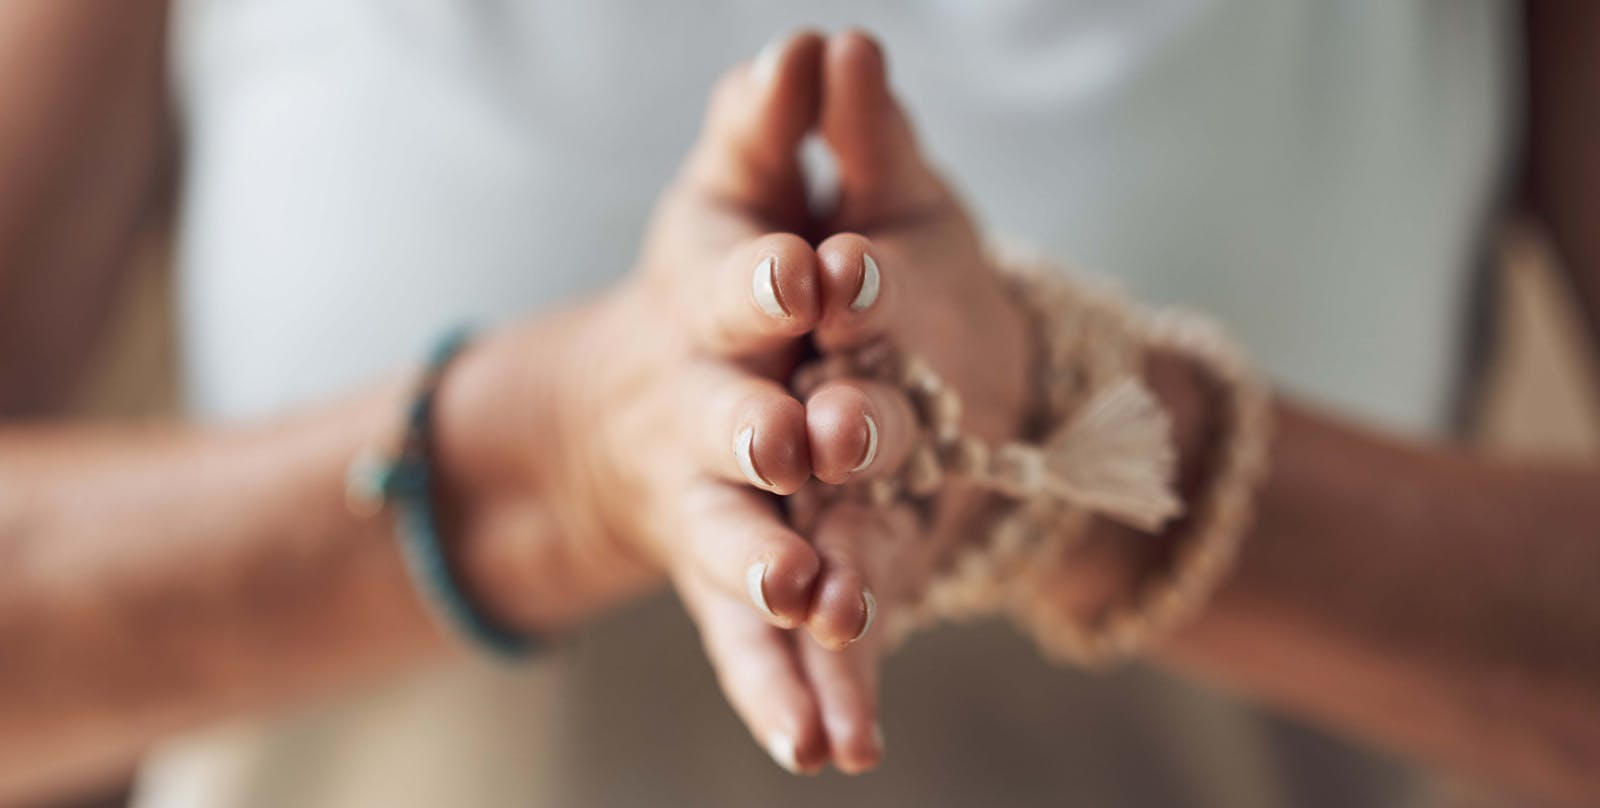 Soin énergétique Reïki et LaHoChi par imposition des mains. Harmonisation et rééquilibrage énergétique.